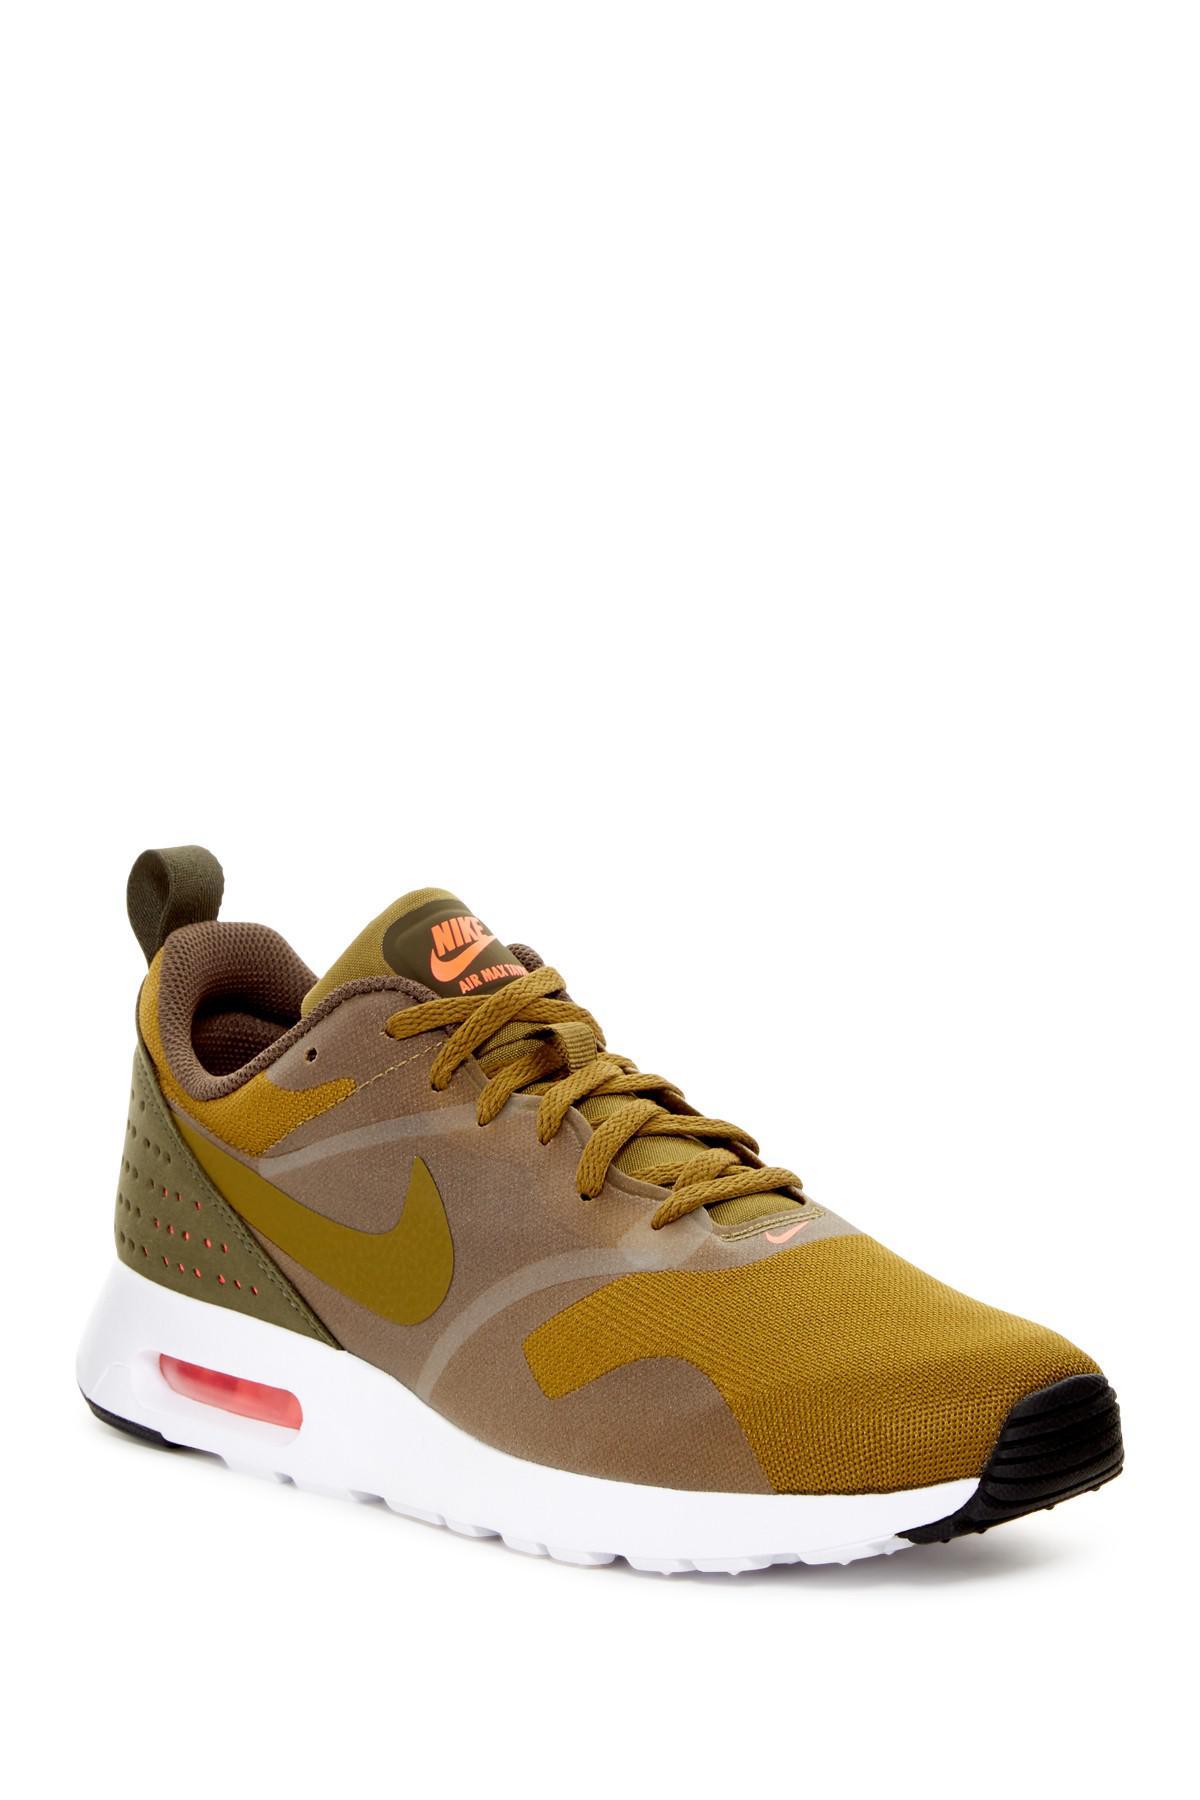 276bc8c03660 Lyst - Nike Air Max Tavas Sneaker in Brown for Men